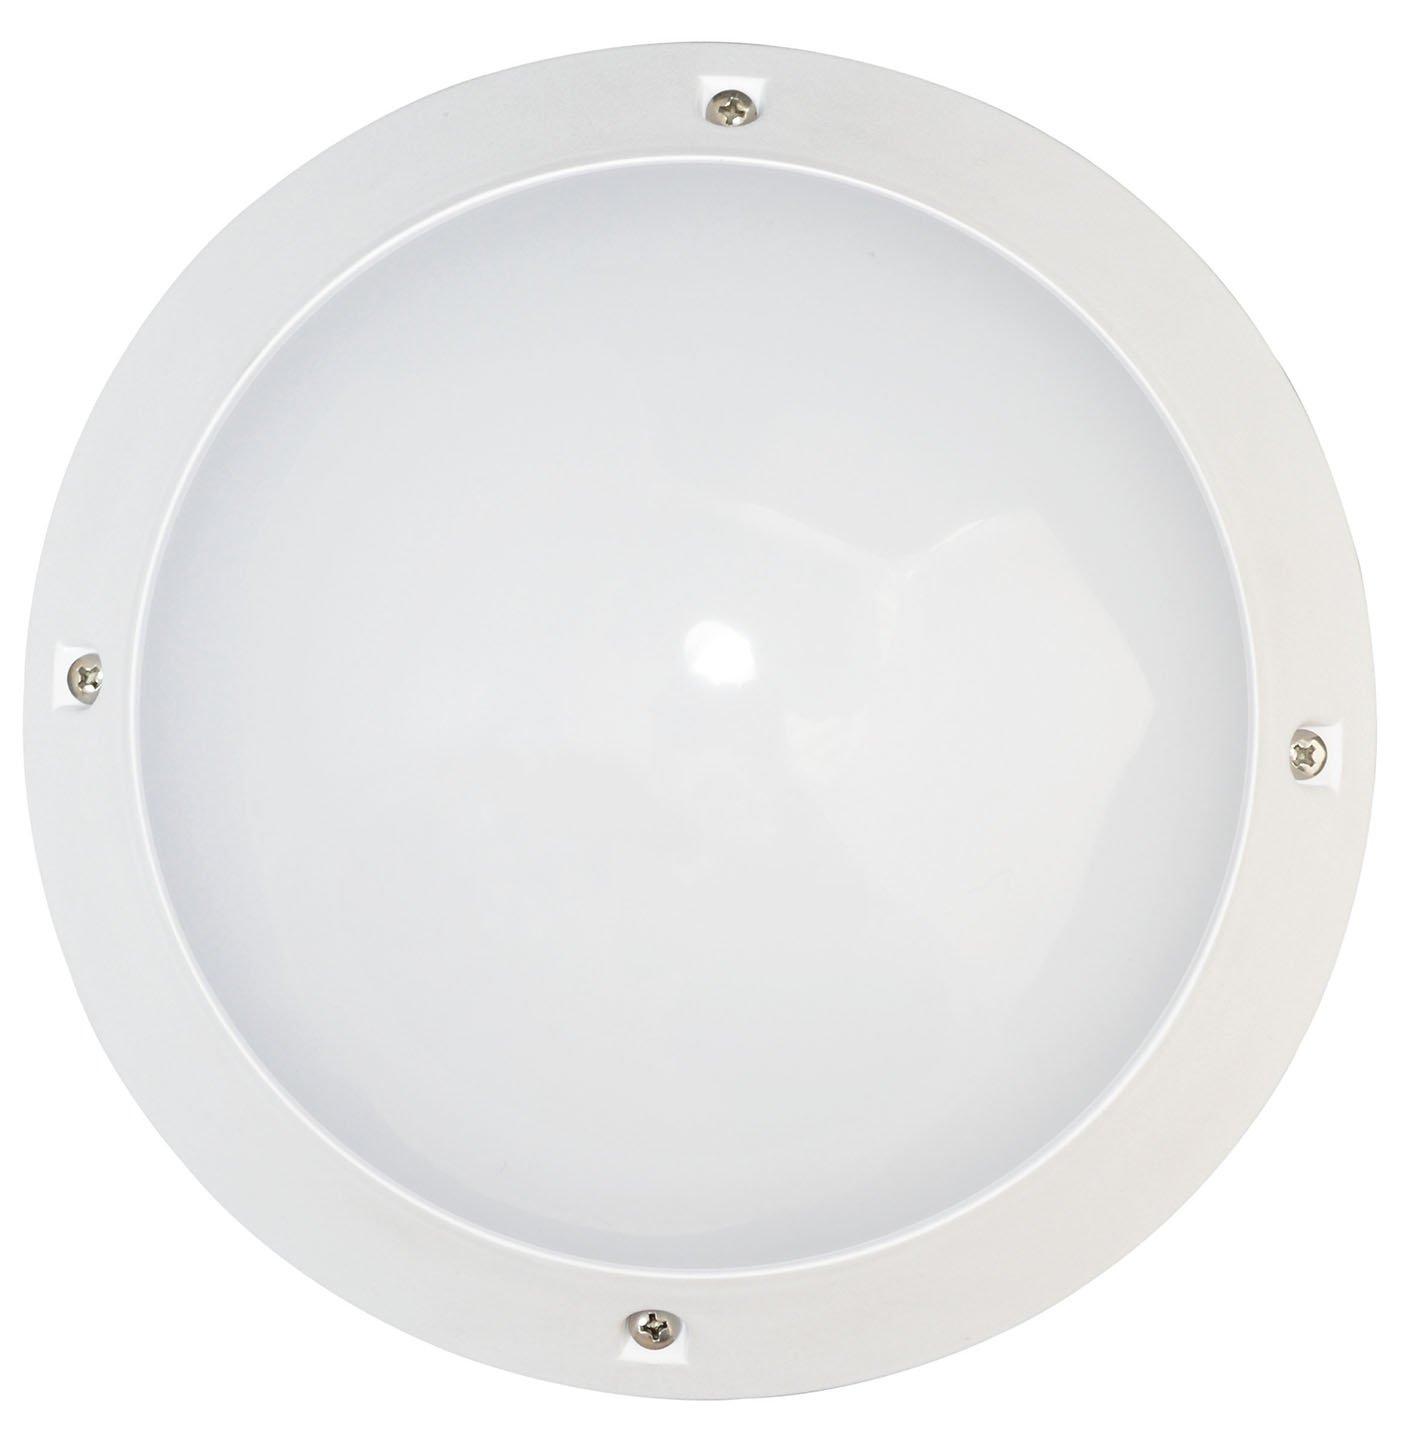 Tibelec 341310 Hublot LED, plástico, 6 W, color blanco, 75 x diámetro 215 mm: Amazon.es: Iluminación